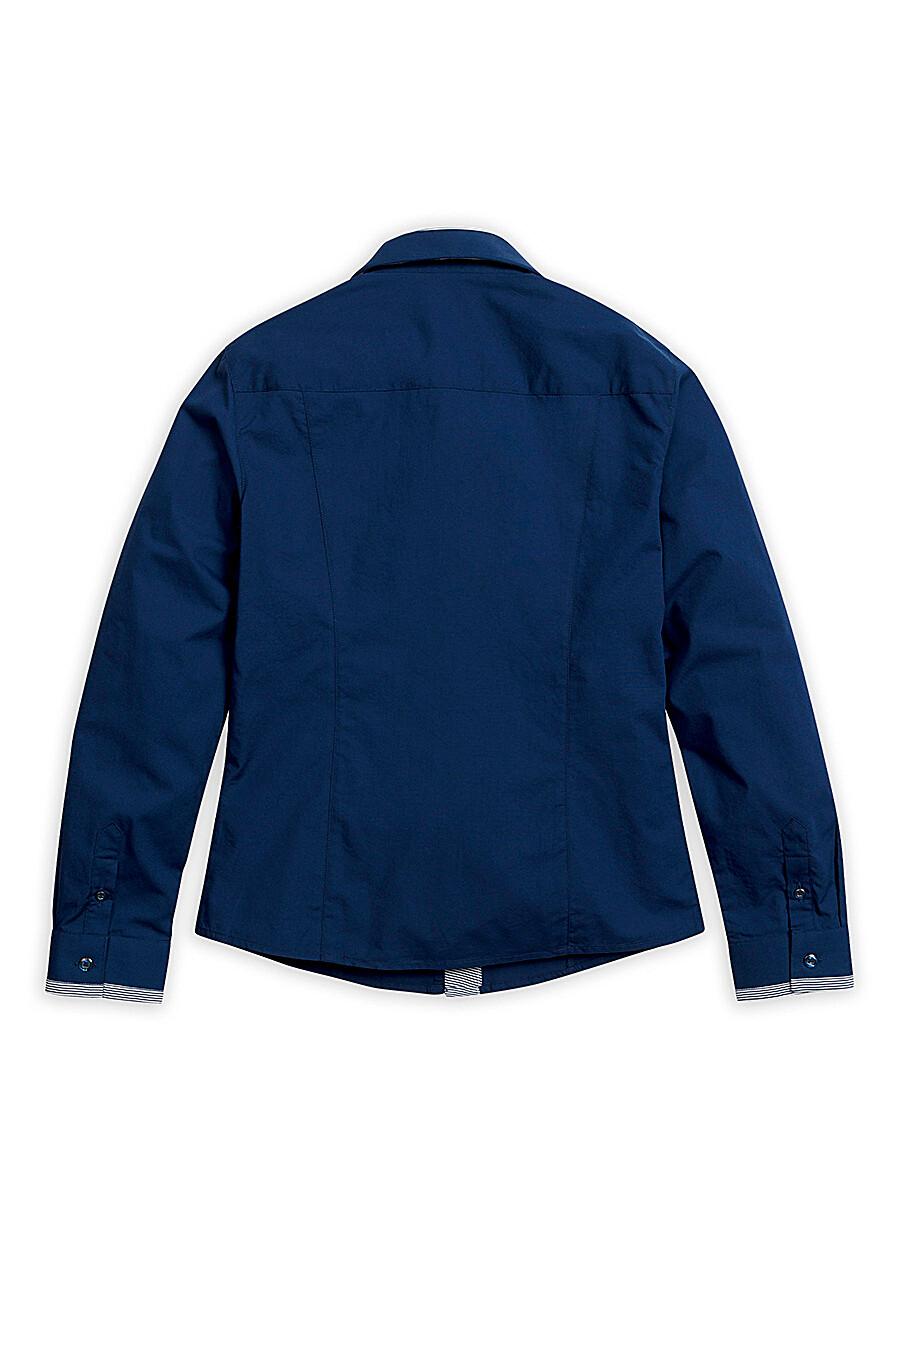 Сорочка для мальчиков PELICAN 218522 купить оптом от производителя. Совместная покупка детской одежды в OptMoyo